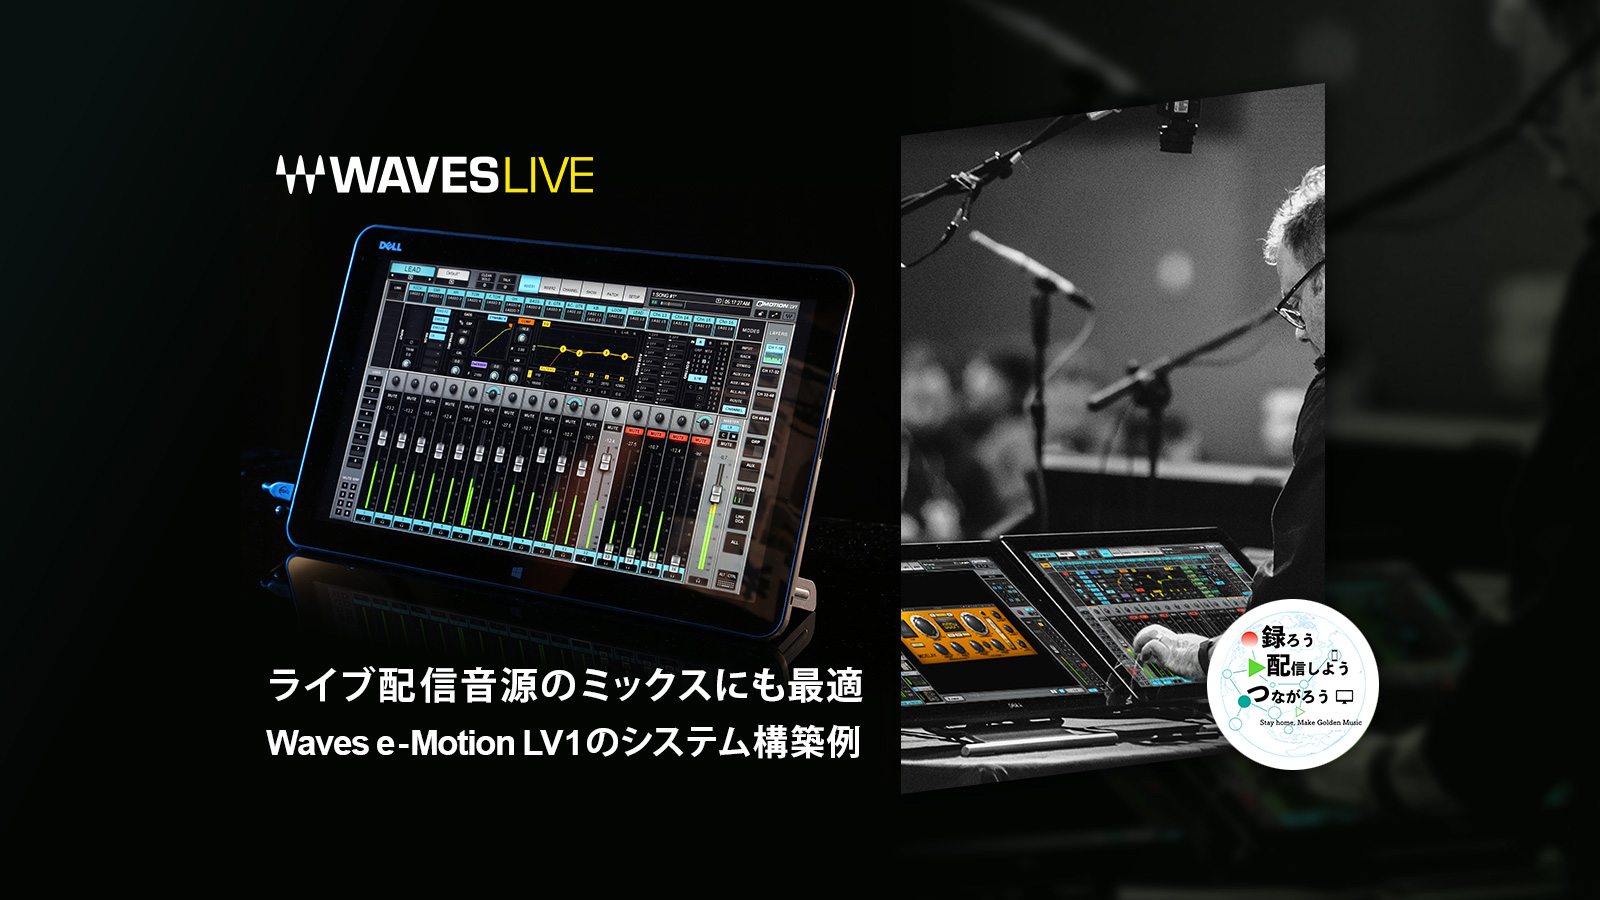 ライブ配信音源のミックスにも最適、Waves e-Motion LV1のシステム構築例